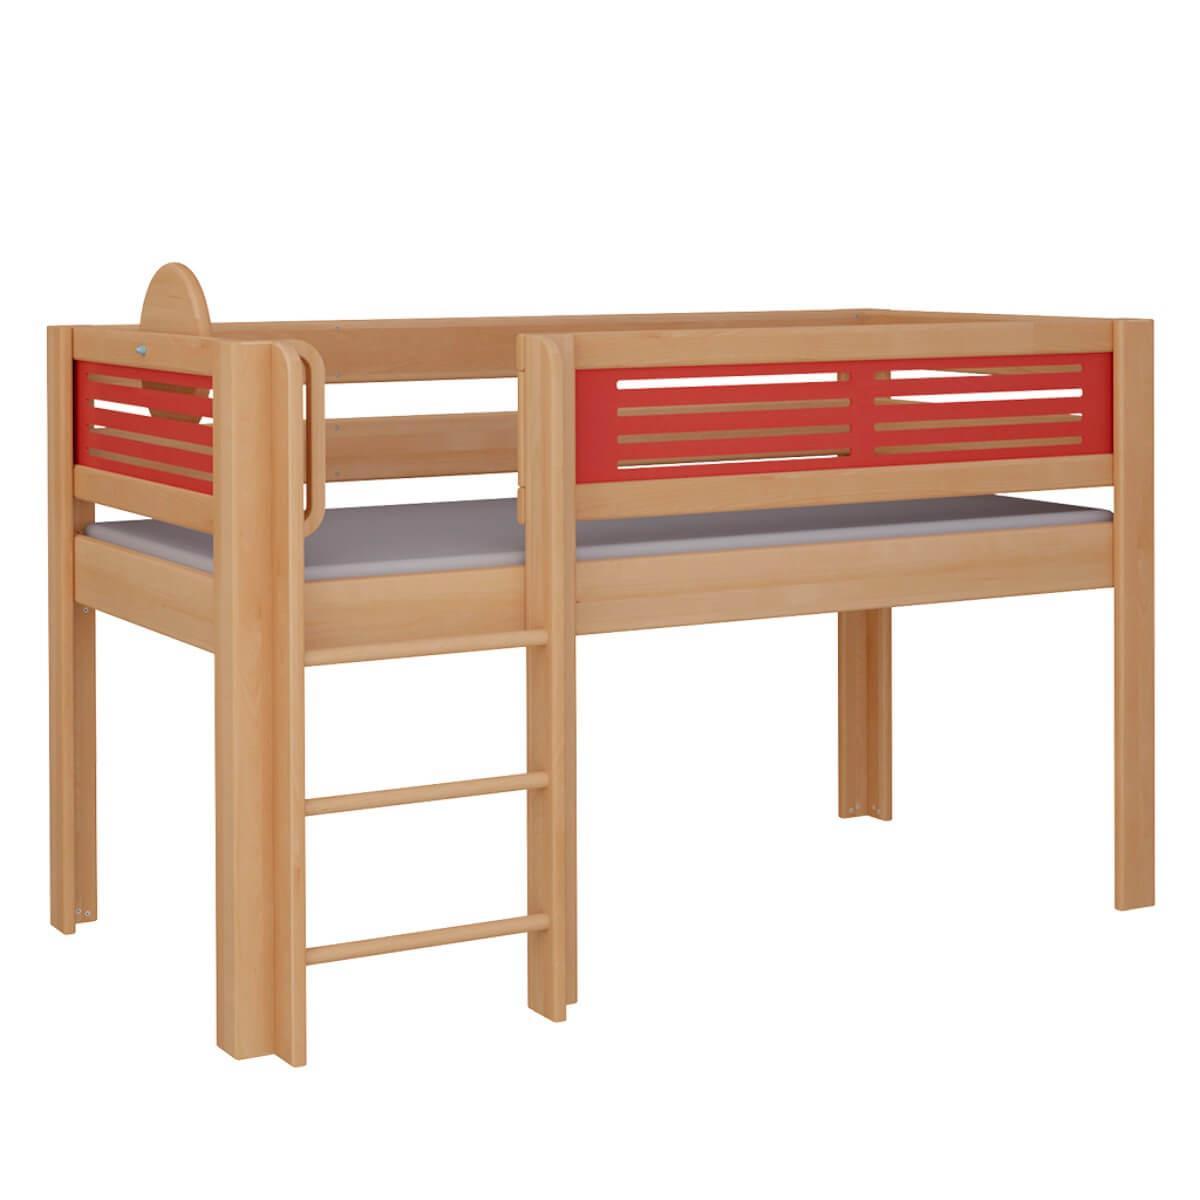 Tatü halbhohes Bett mit Leiter DELUXE De Breuyn natur geölt Füllungen rot